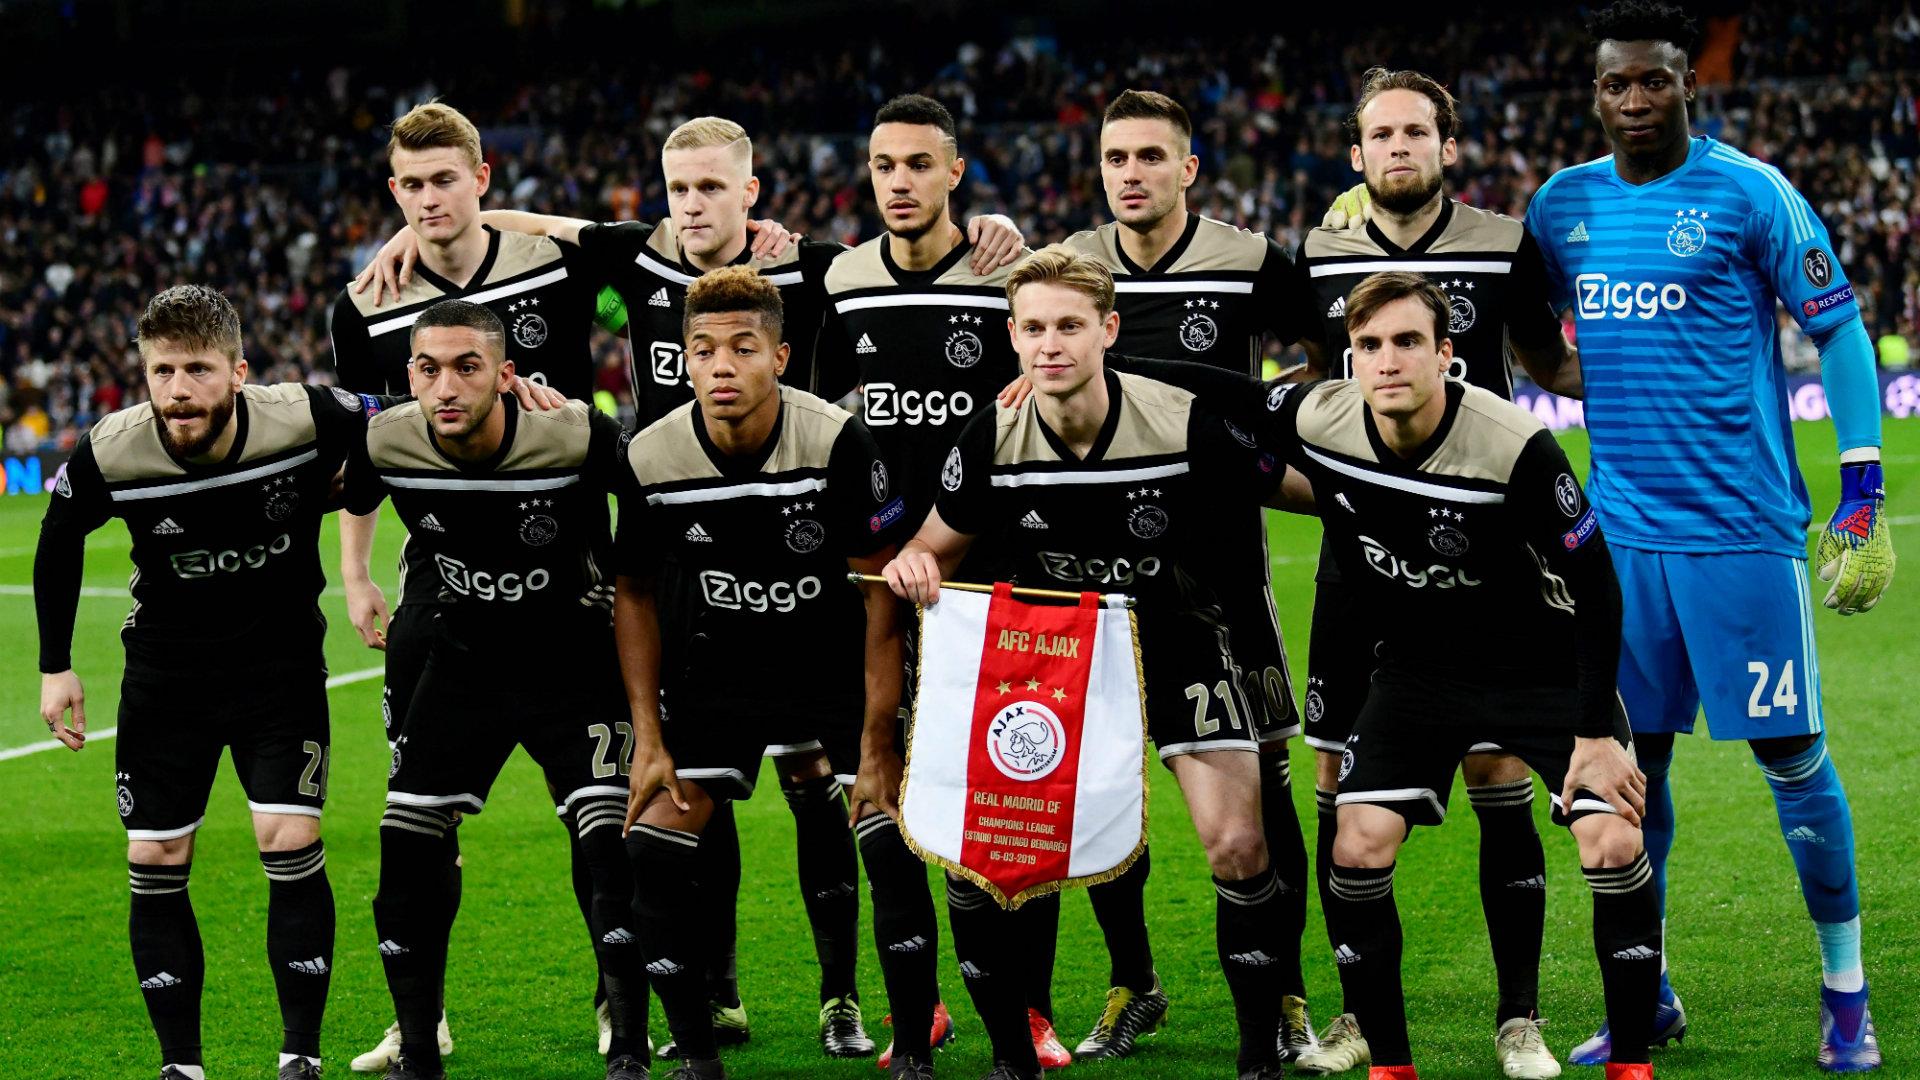 Ajax Vs Madrid: Real Madrid 1-4 Ajax: Almost Impossible To Keep Stars